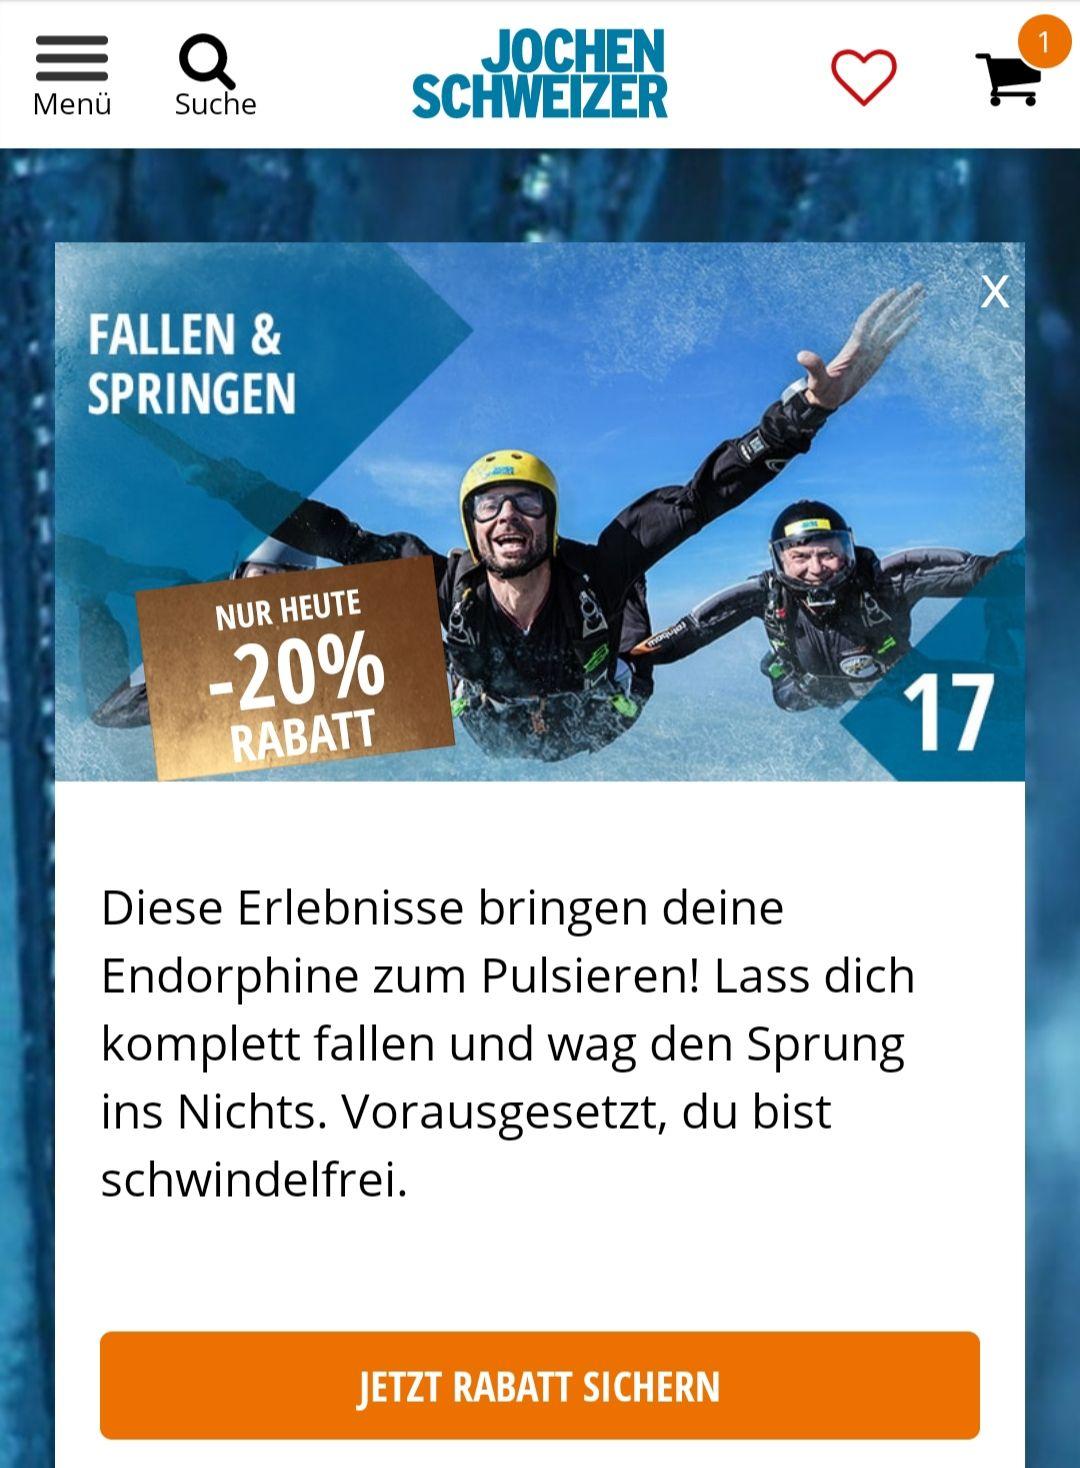 20% Rabatt auf Fallen & Springen bei Jochen Schweizer + PayPal Rabatt